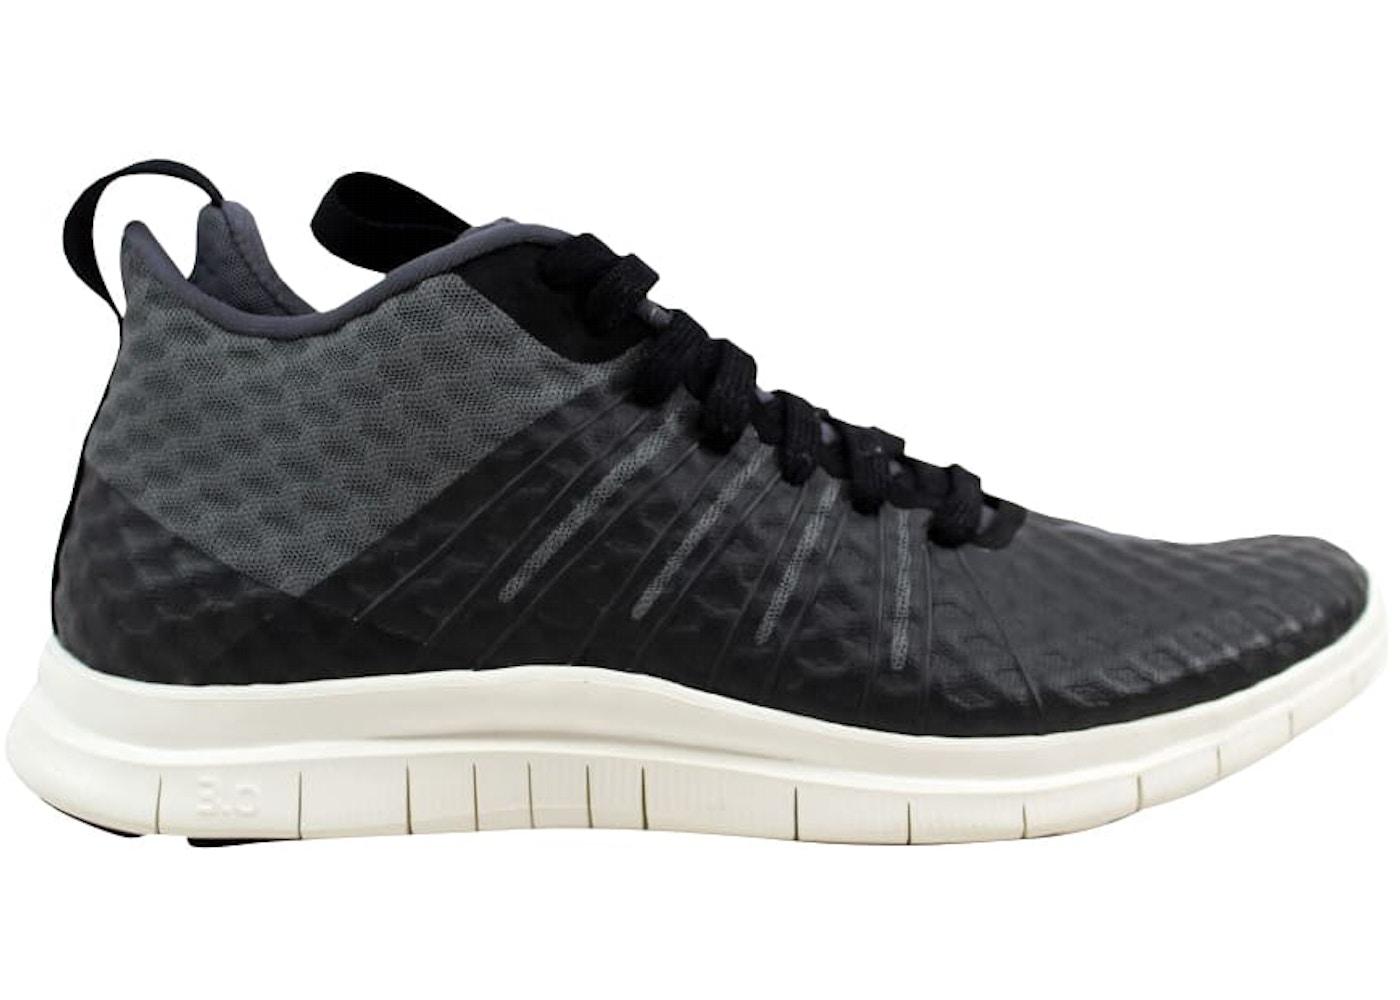 free shipping 774d3 4ef56 Nike Free Hypervenom 2 FS Black Dark Grey-Ivory - 805890-001